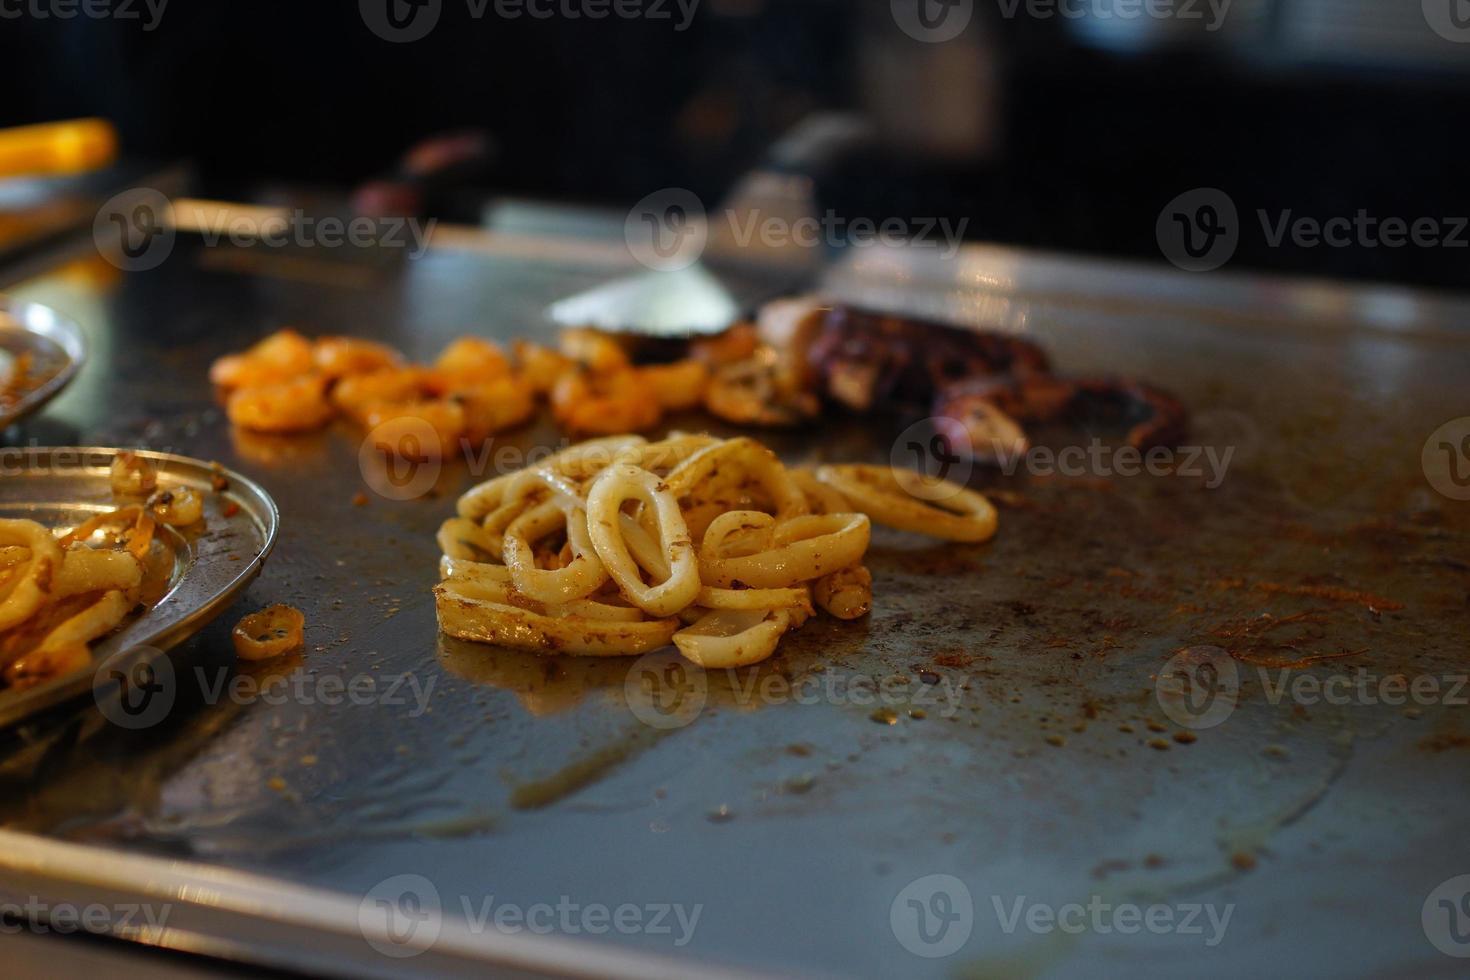 fruits de mer et sa préparation. photo